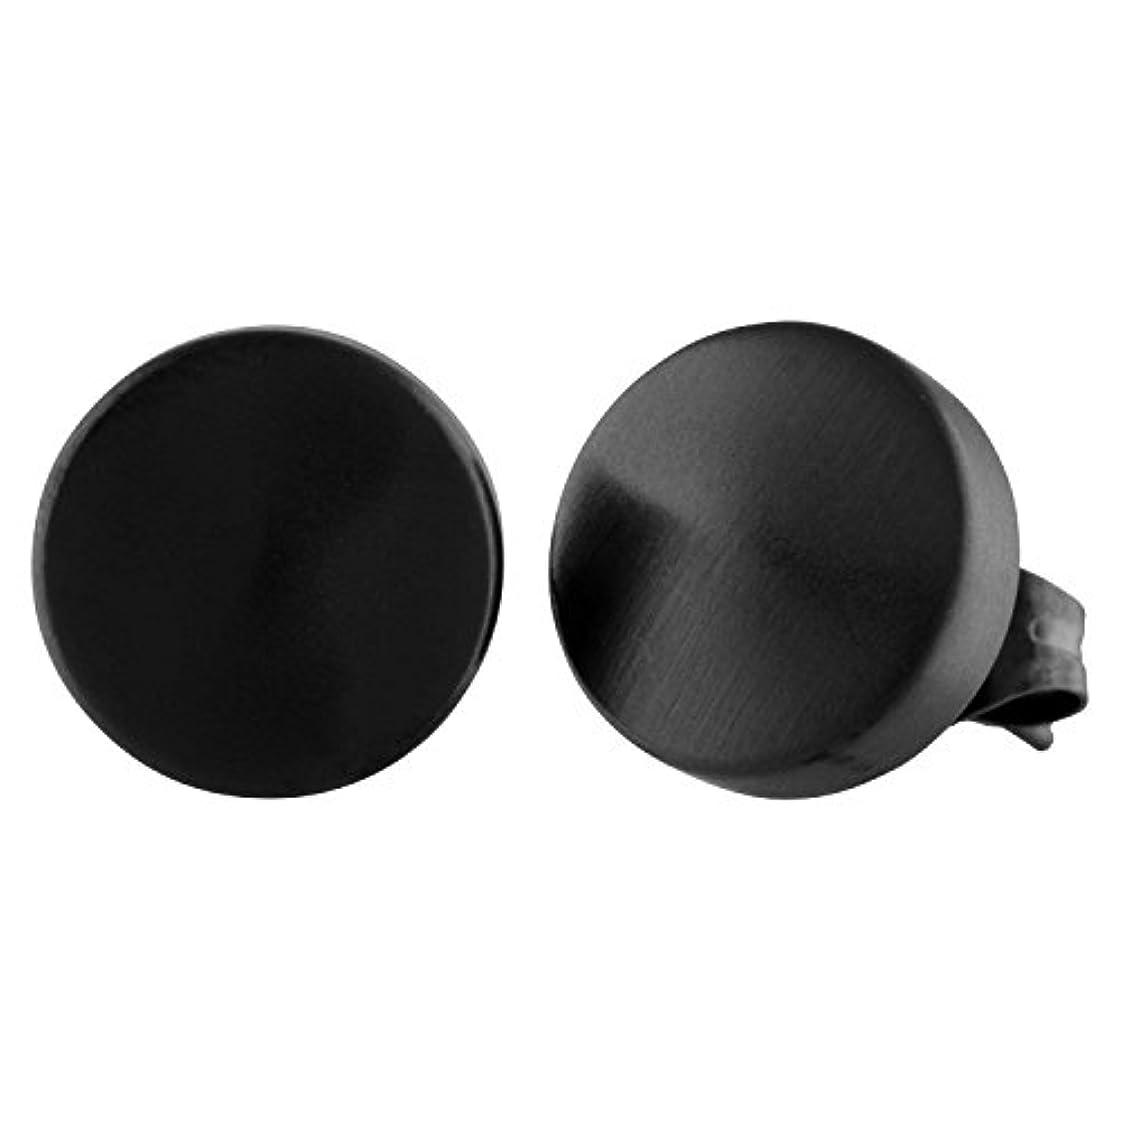 操縦する写真顔料メンズブラックマット仕上げラウンドステンレススチールスタッドイヤリング10 mm